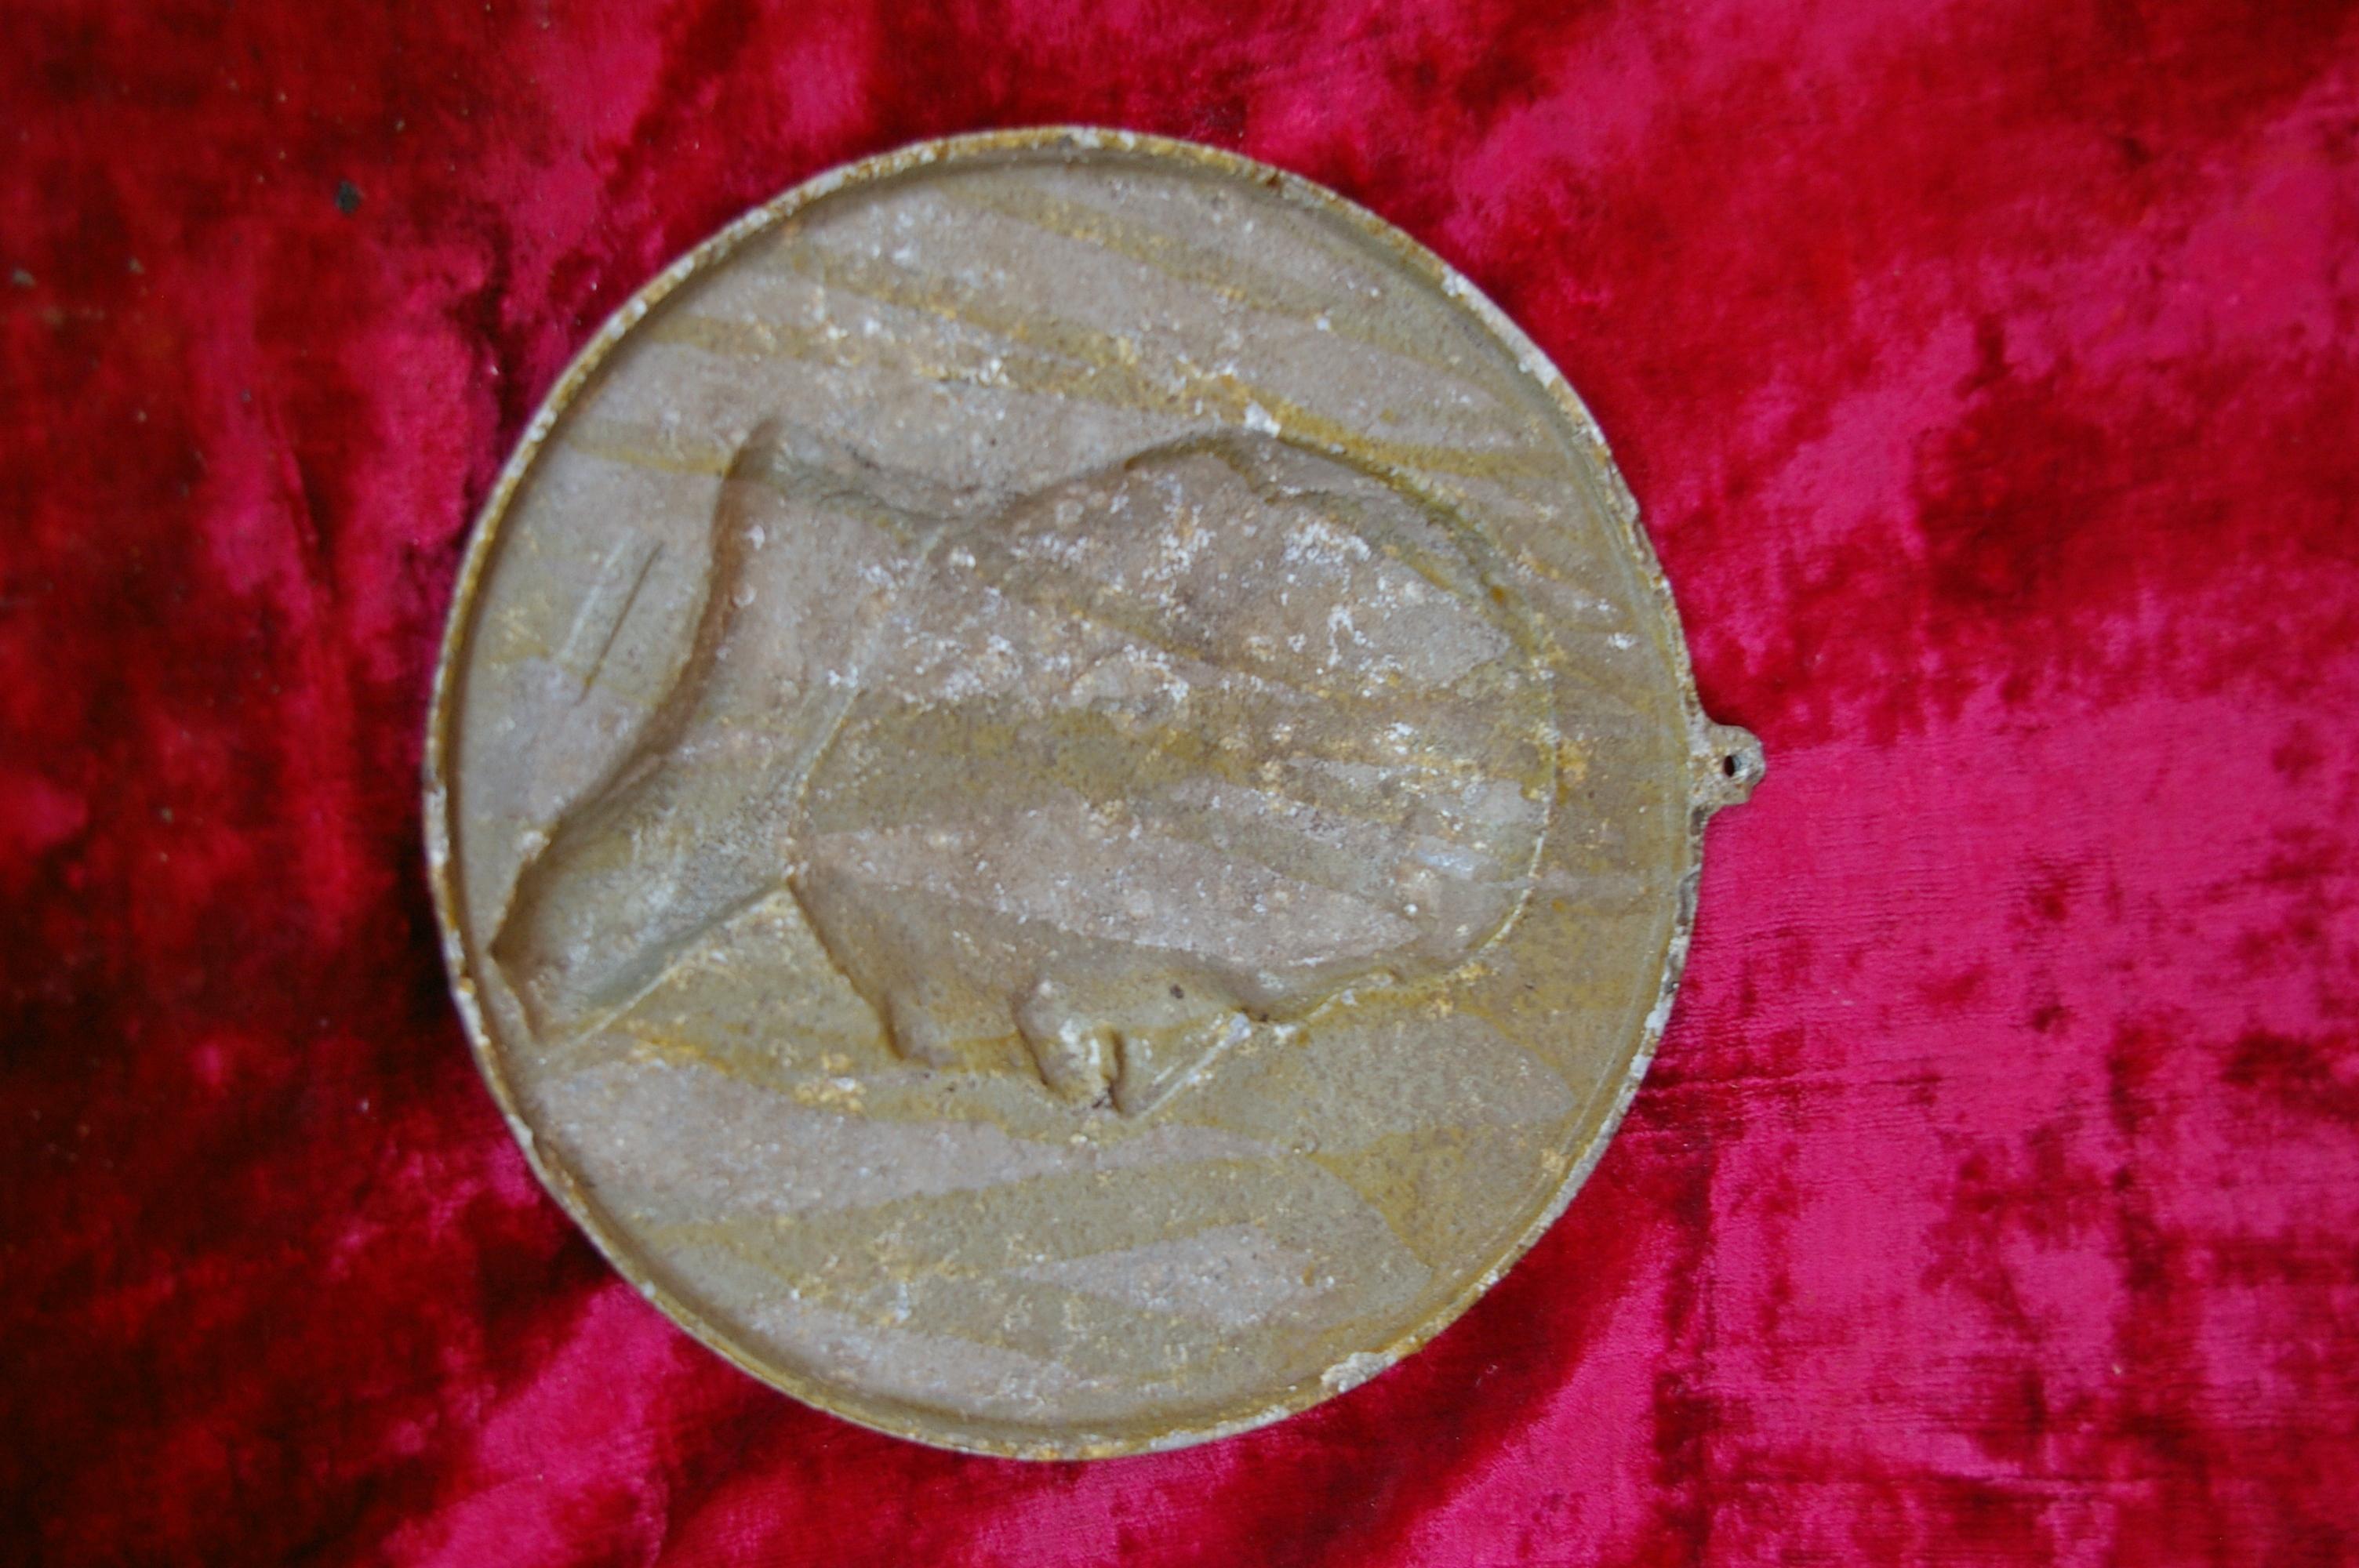 Барельеф Сталин, материал метал, ширина 24 см. - 2